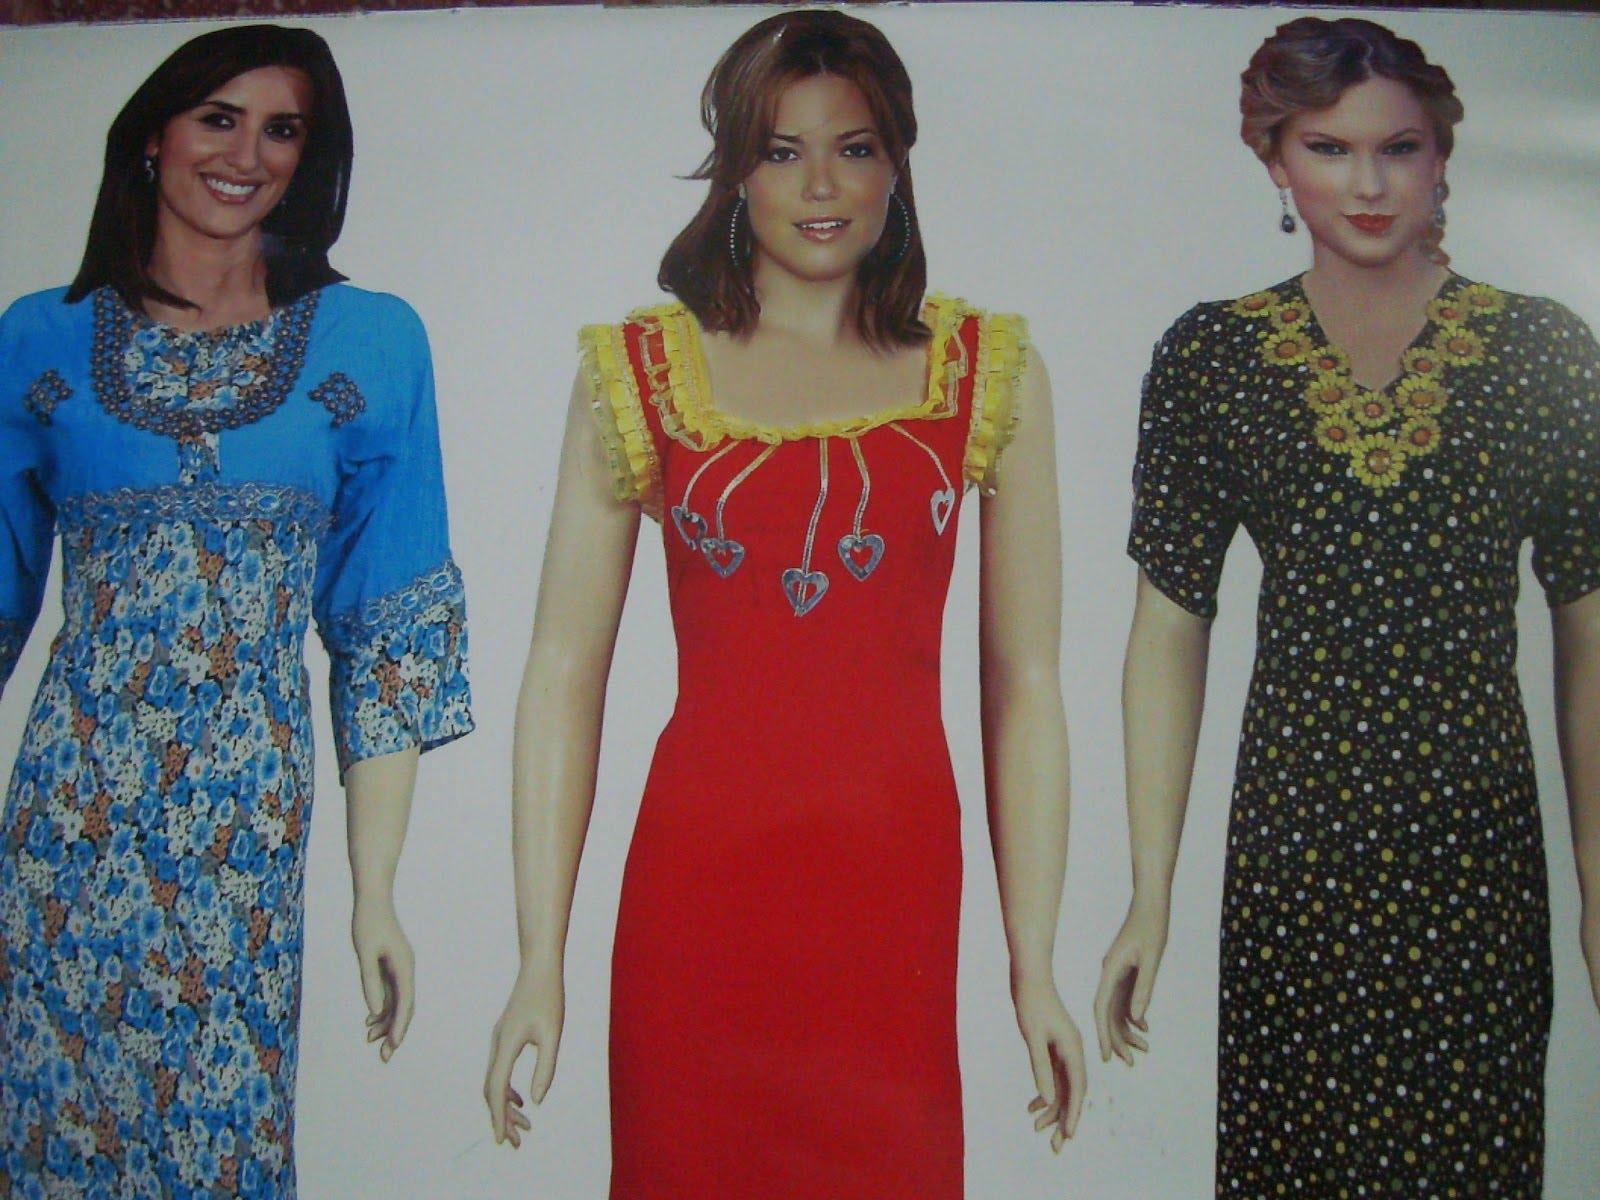 بالصور بدعيات مغربية , احدث تشكيلة من الجلاليب المغربية 2361 9